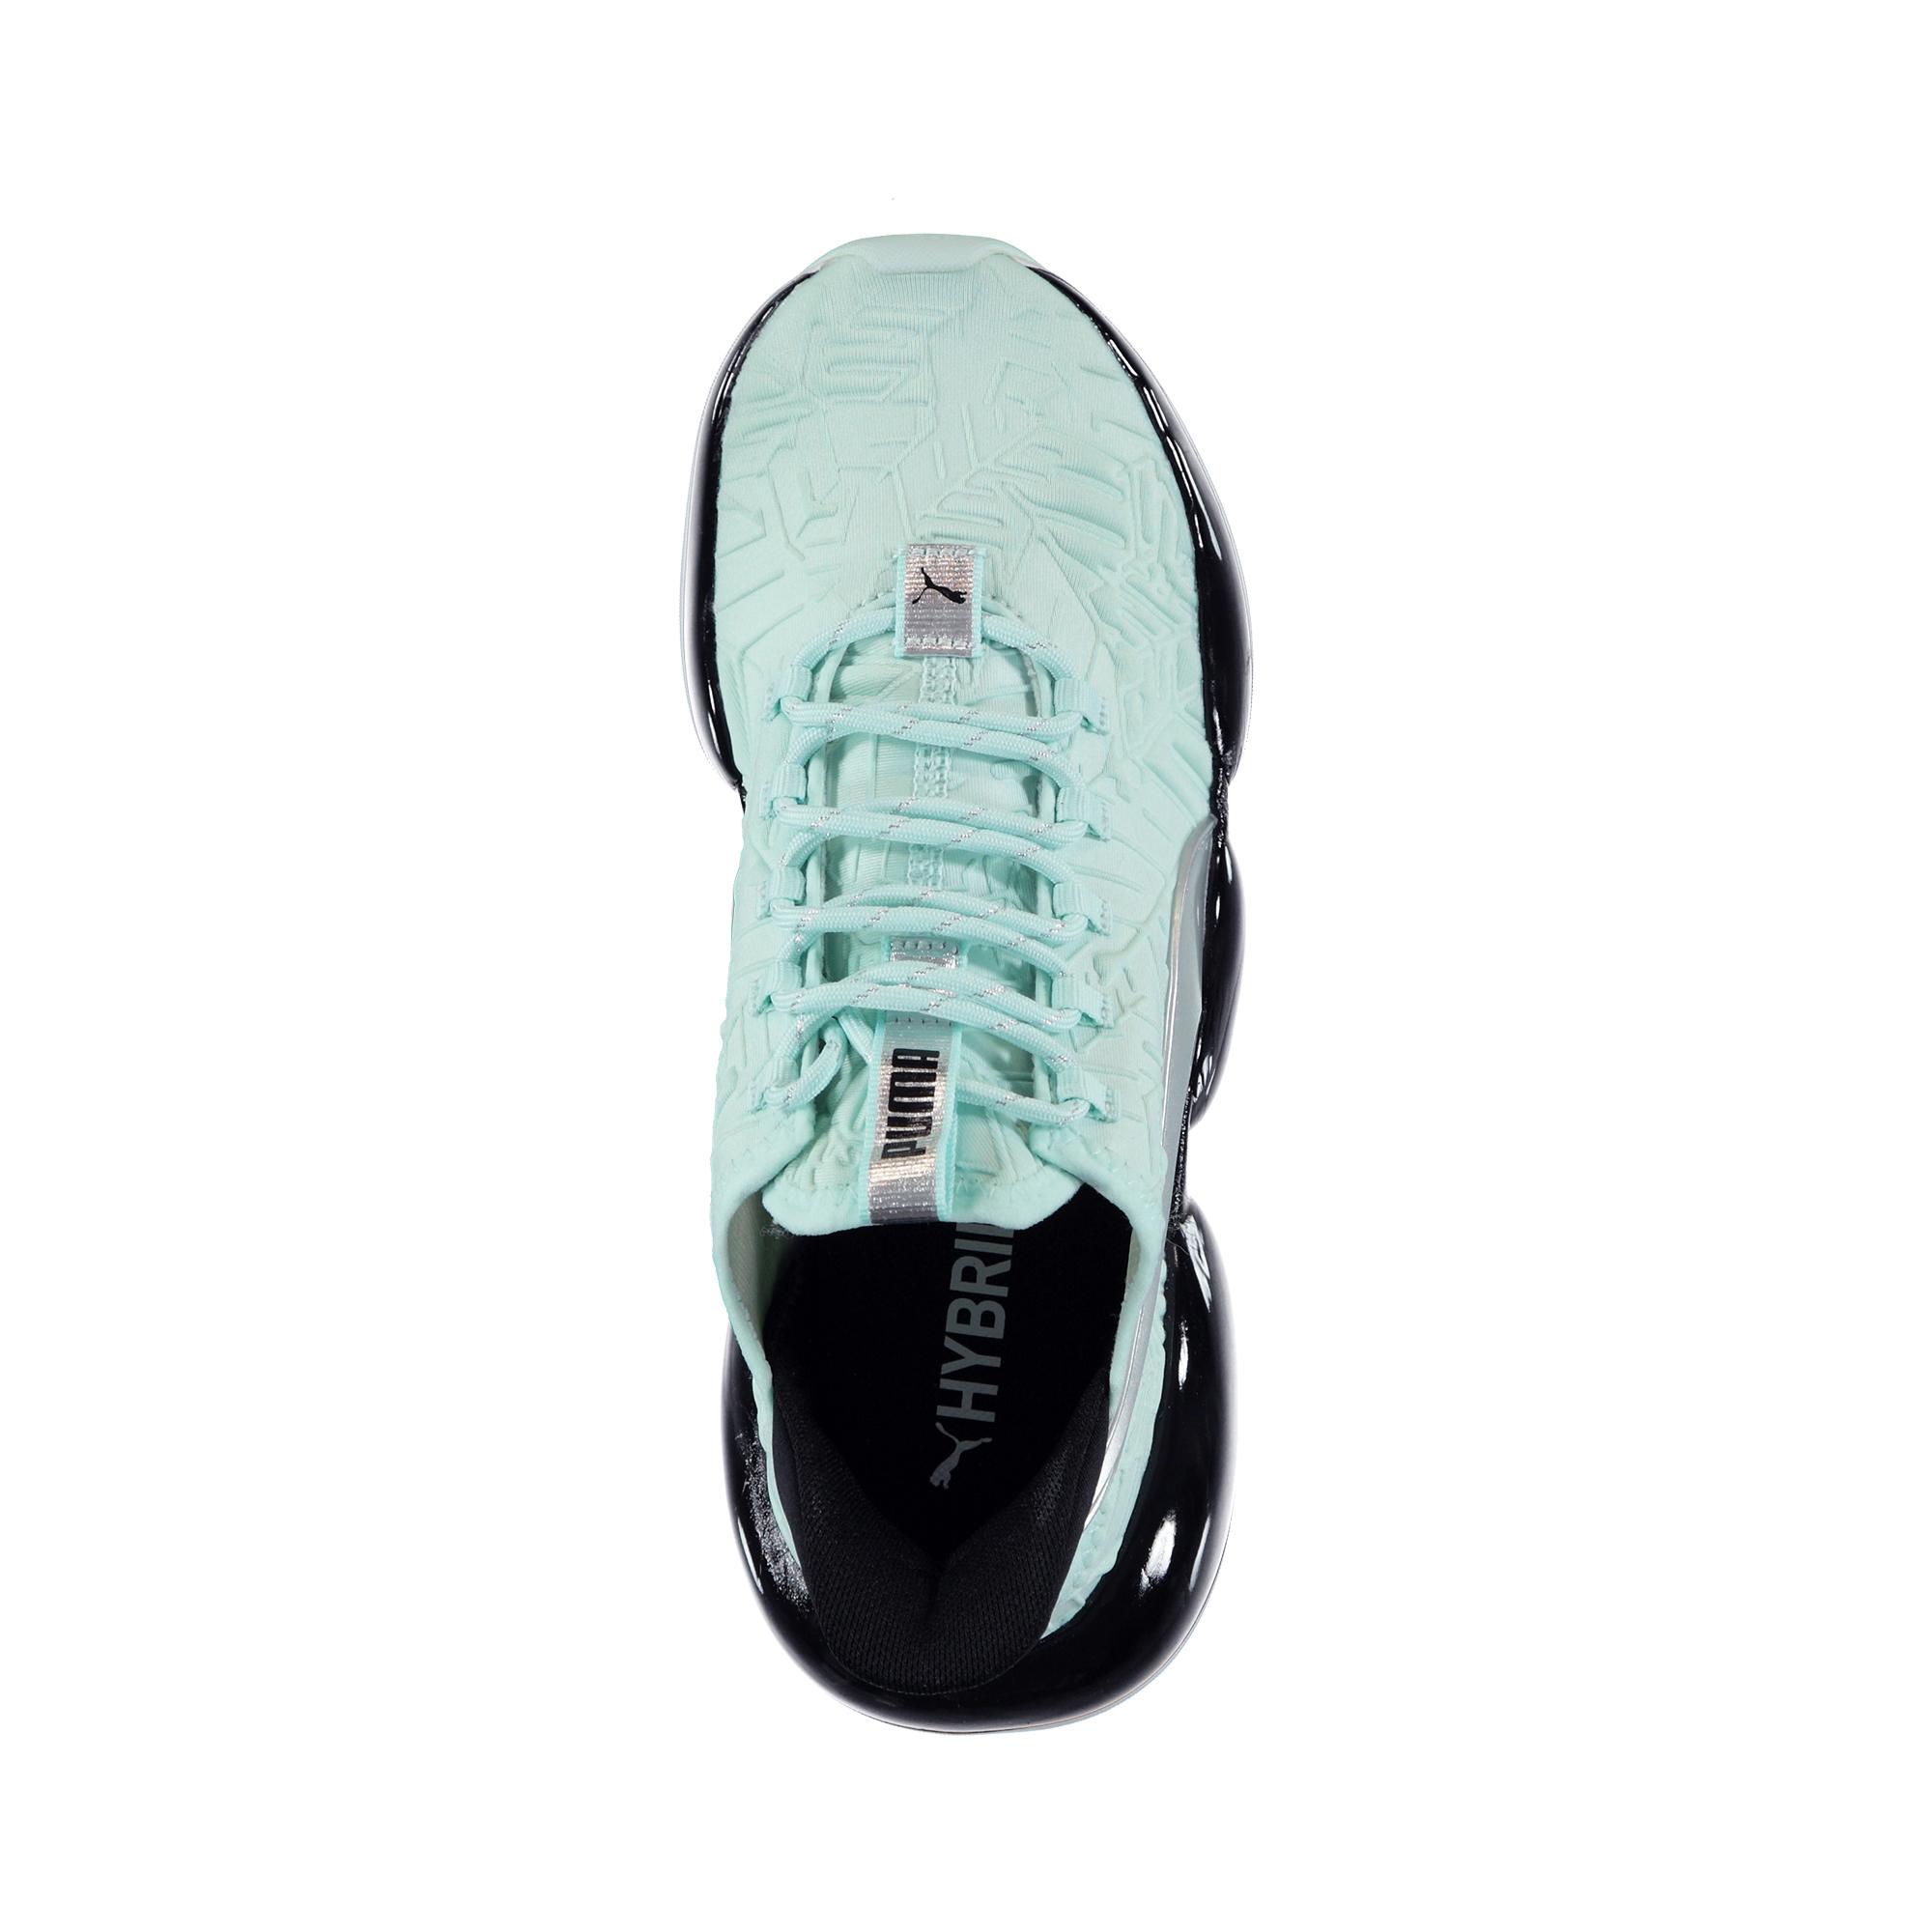 Puma Mode Xt Tz  Wns Kadın Mavi Spor Ayakkabı